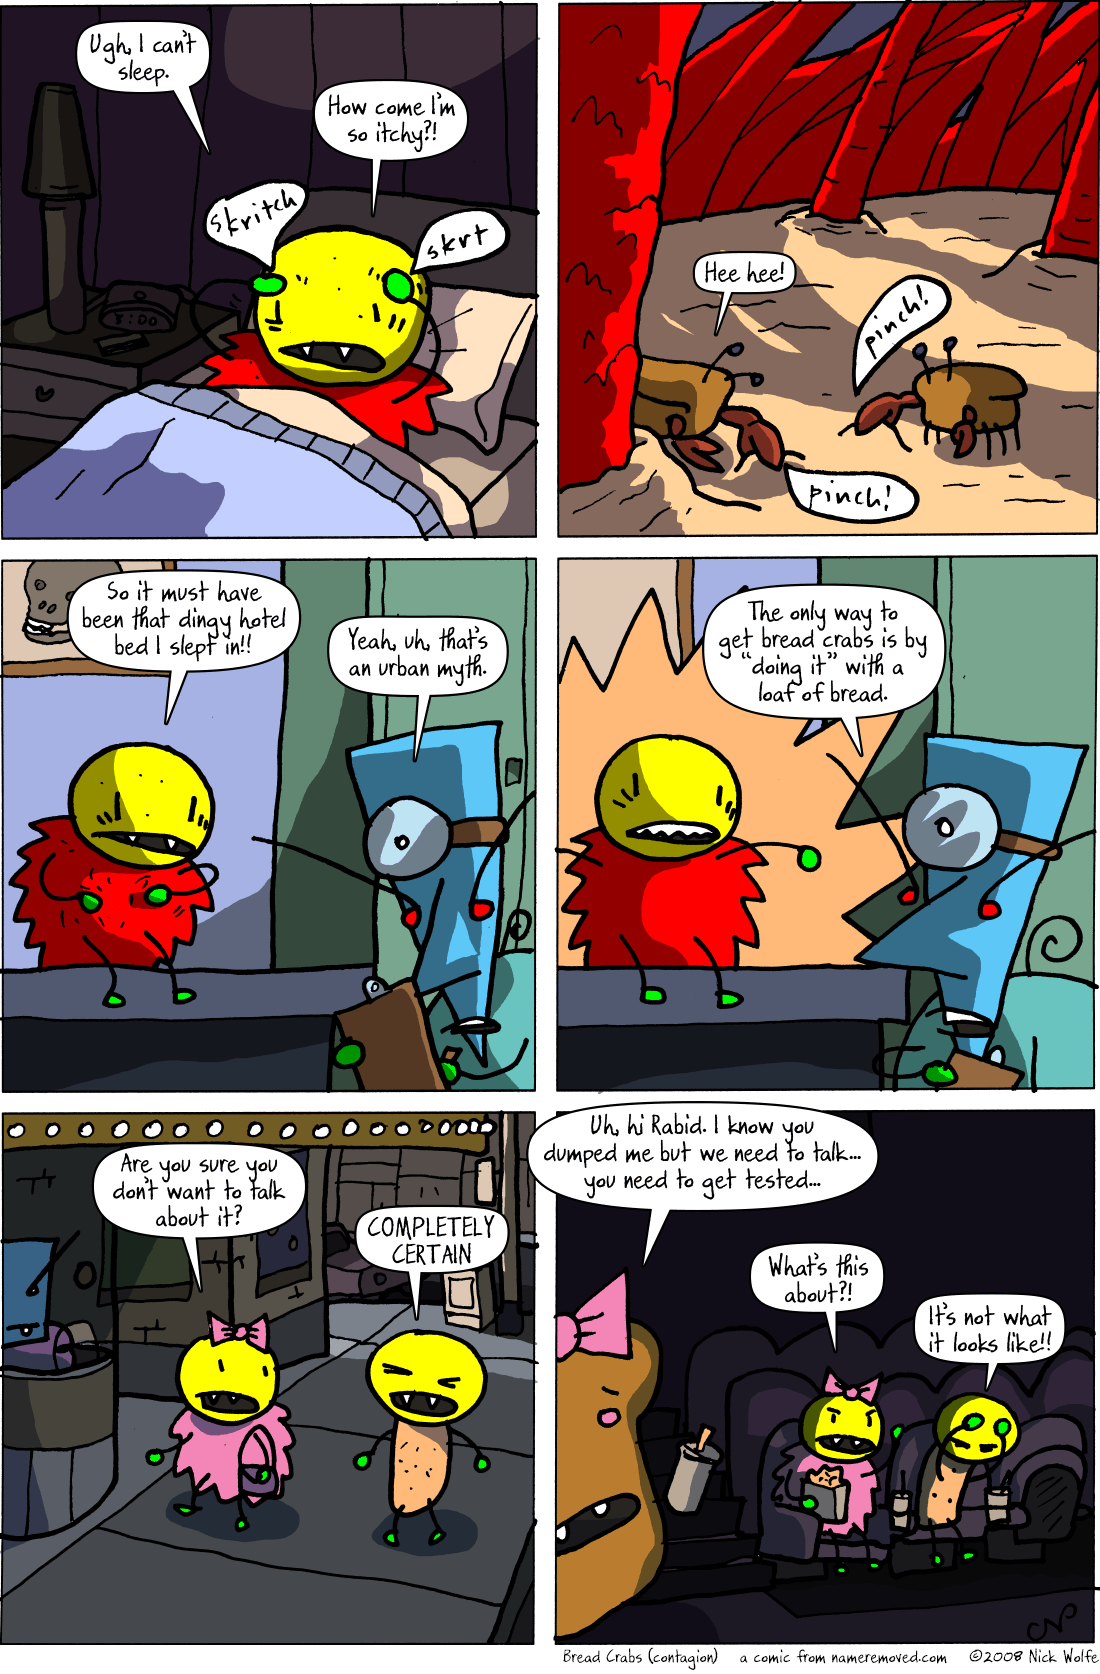 Bread Crabs (contagion)